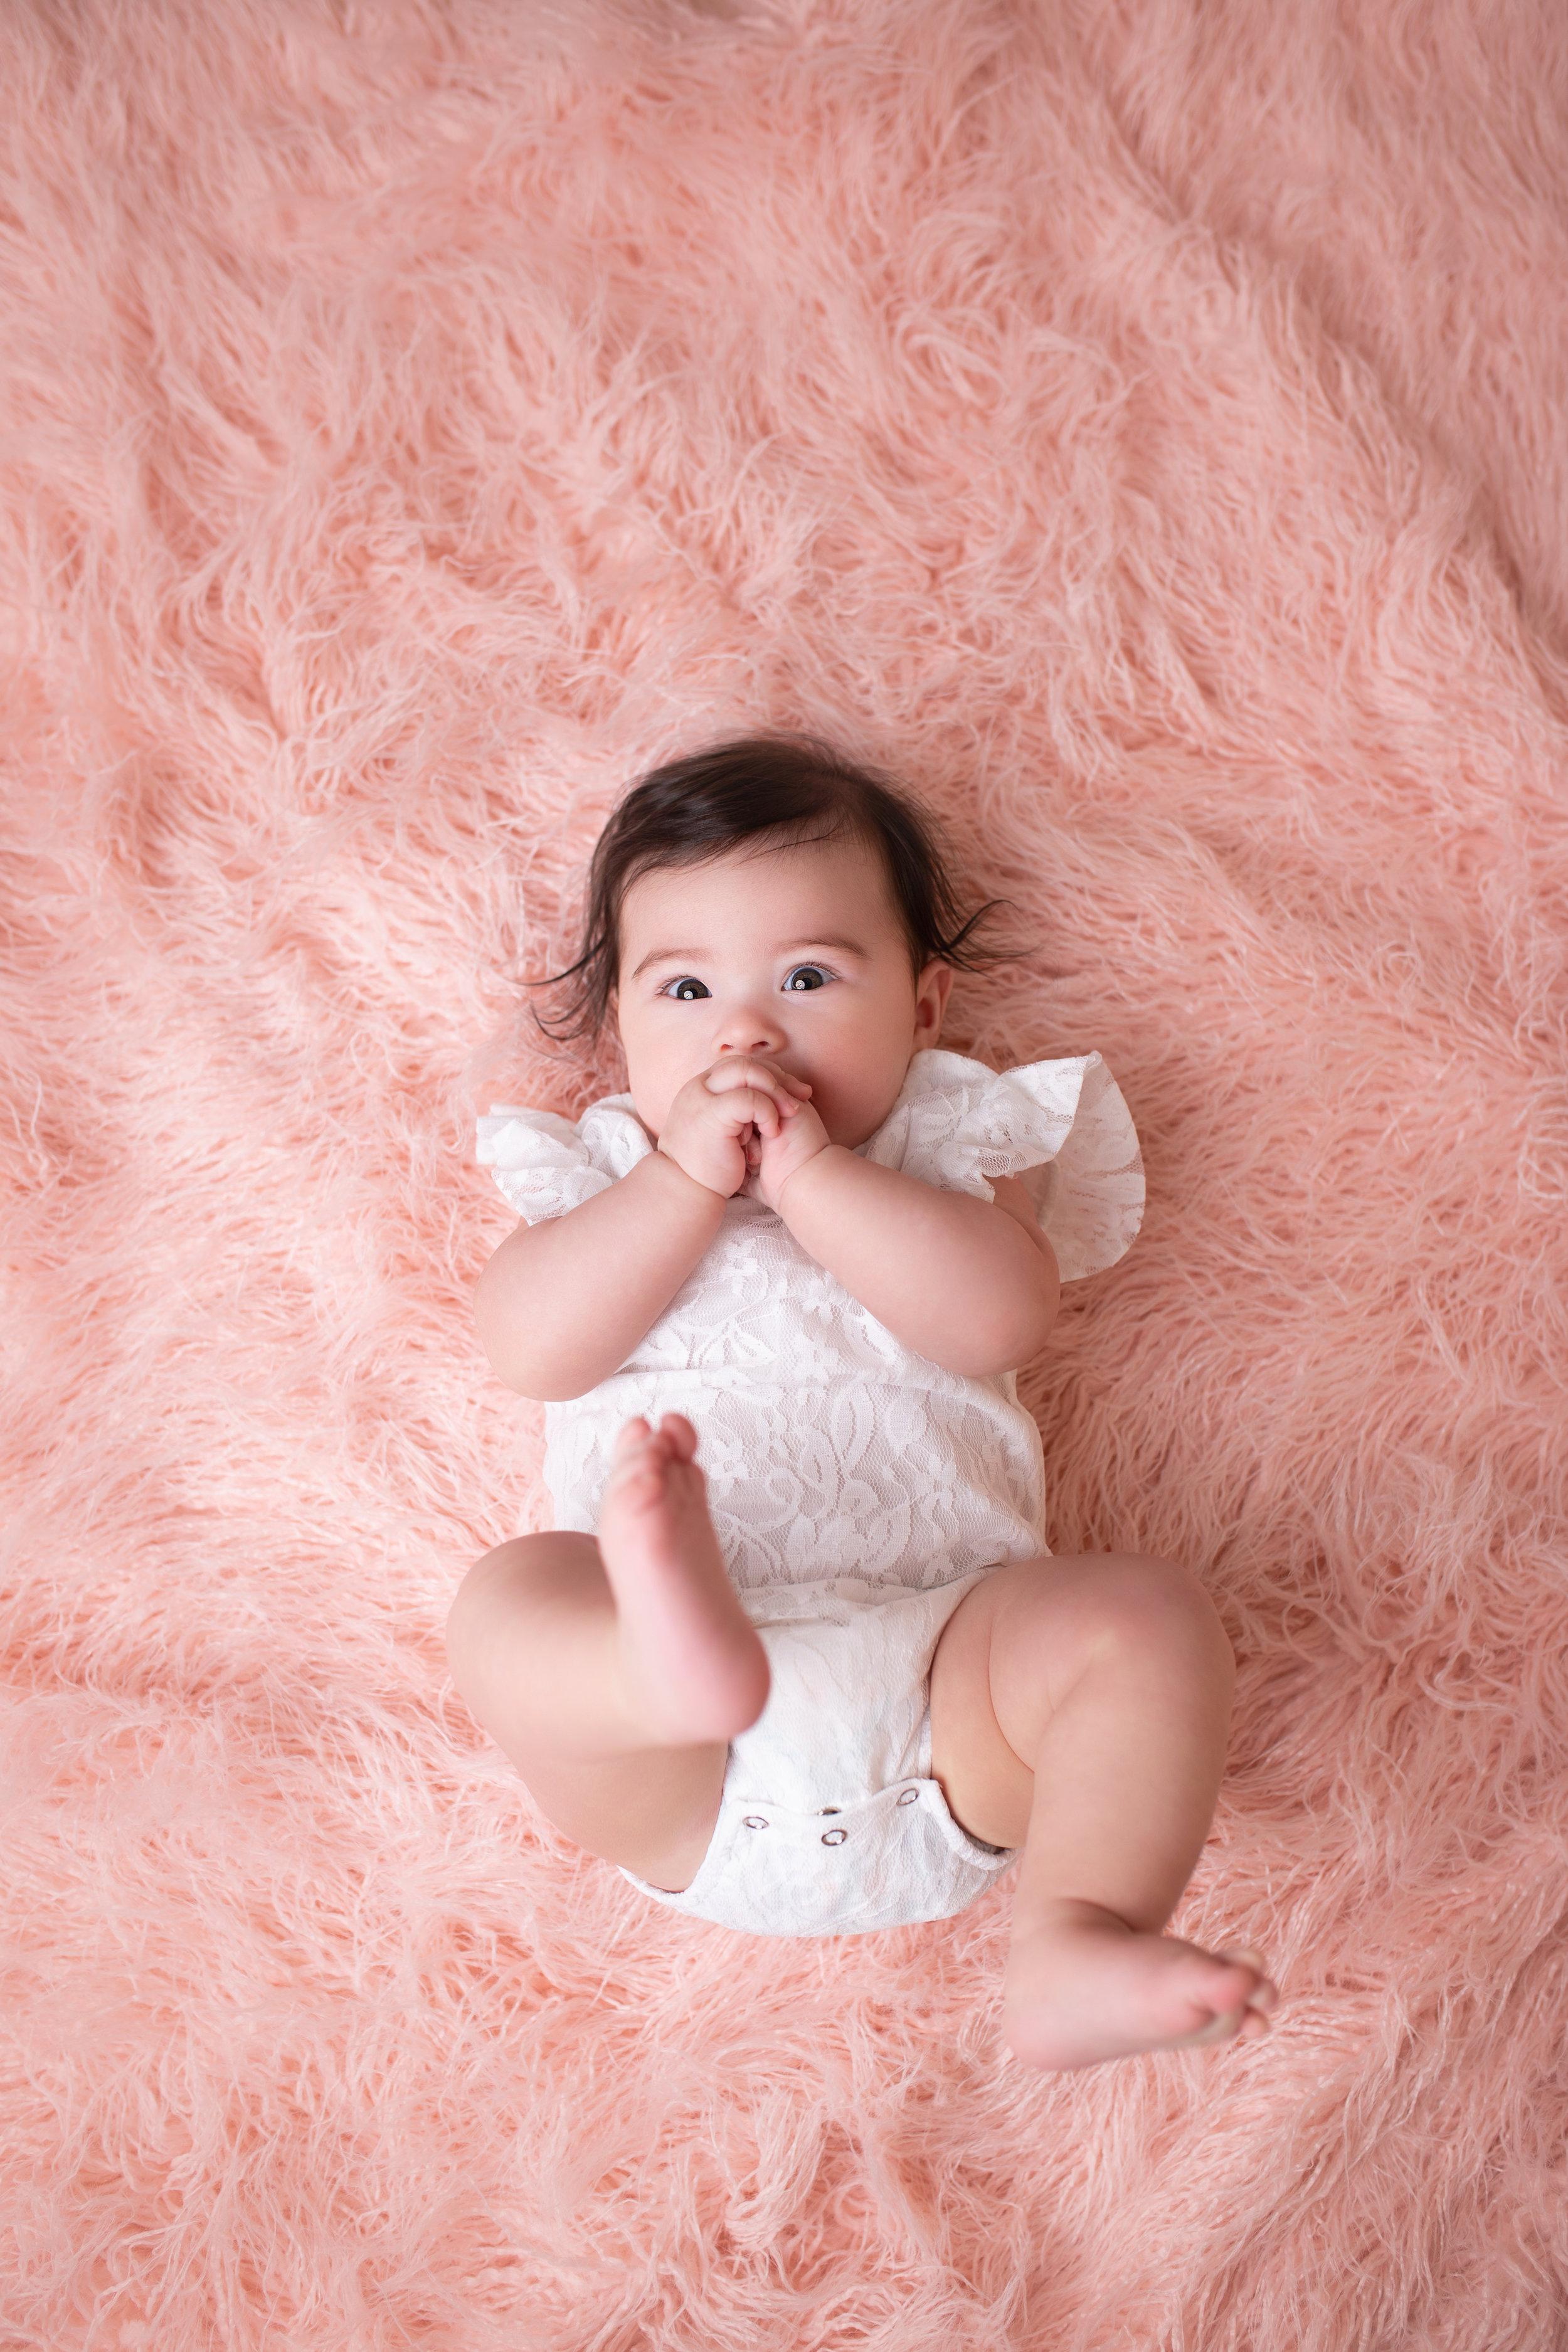 anchorage-newborn-photography-8.jpg